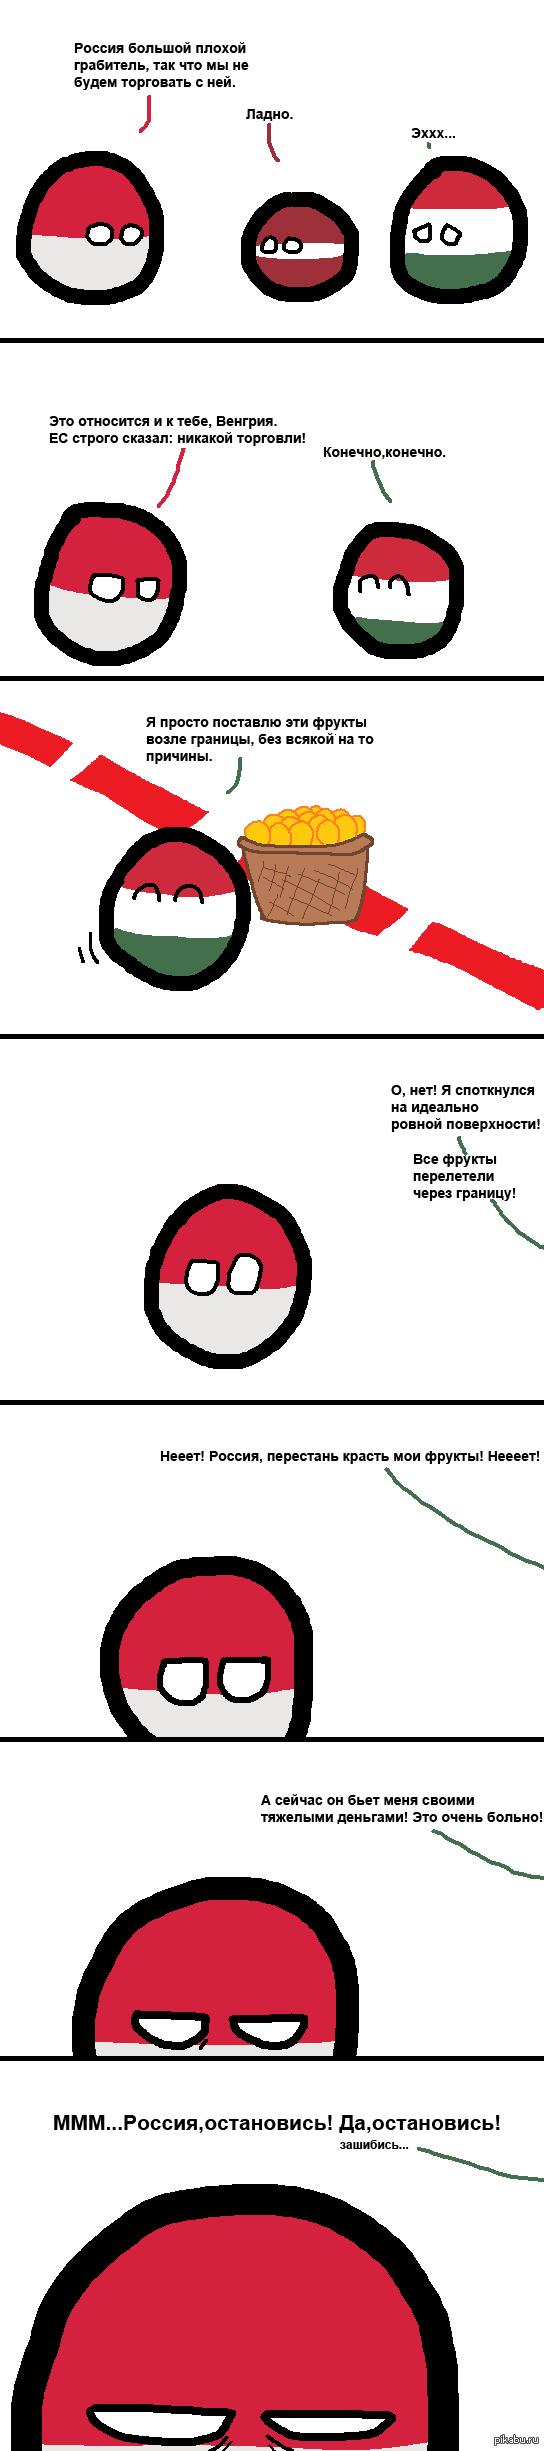 Никакой торговли Countryballs, Польша, Россия, Венгрия, Длиннопост